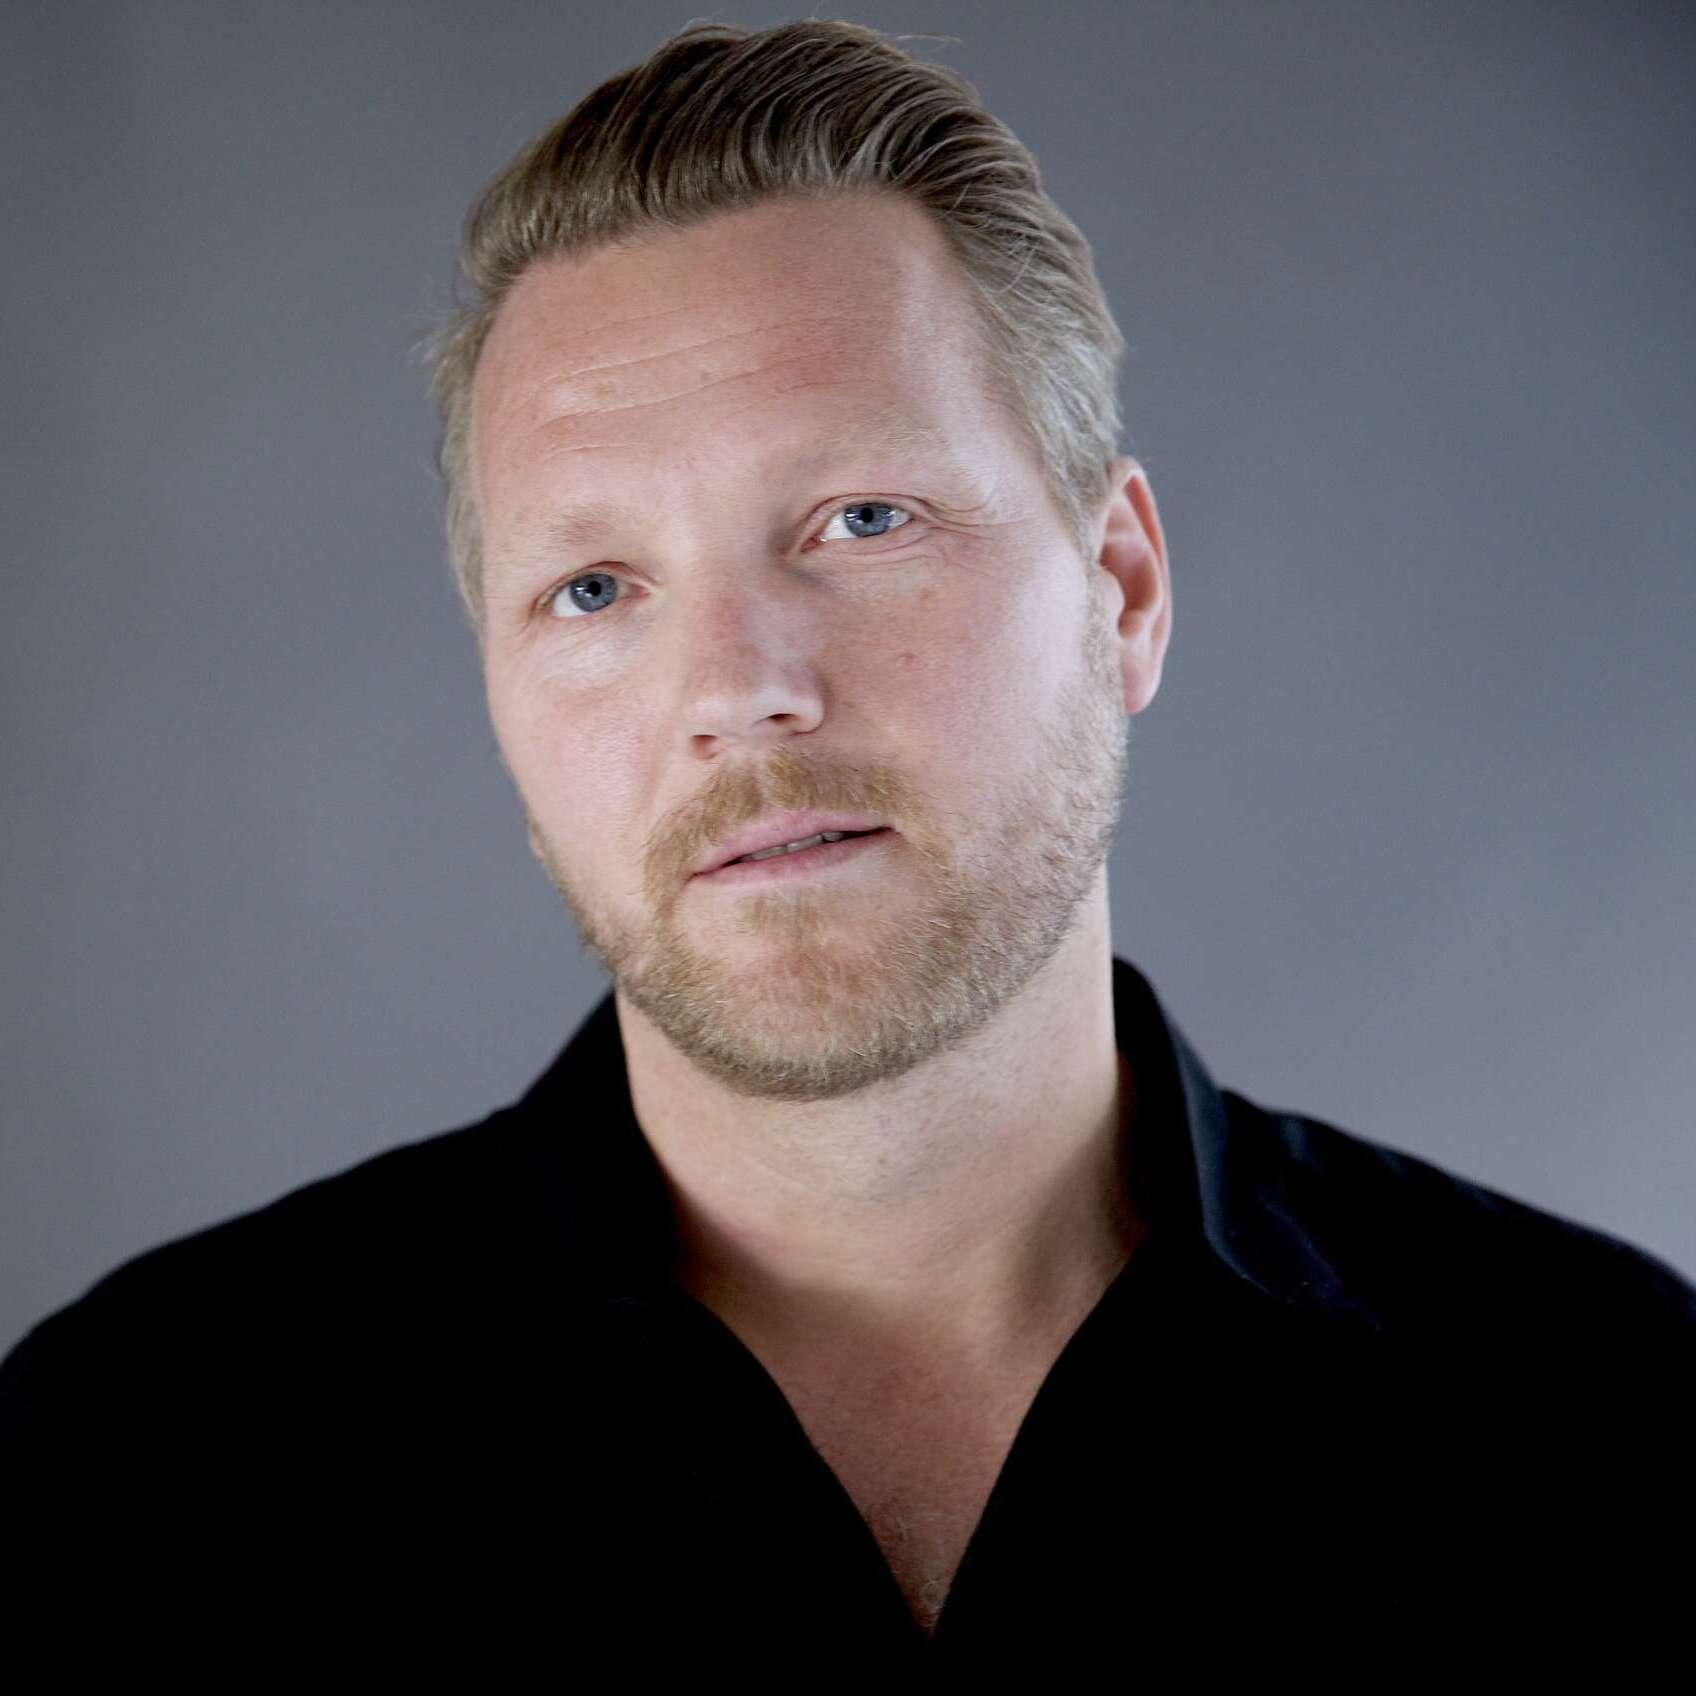 Hlynur Frey Olafsson